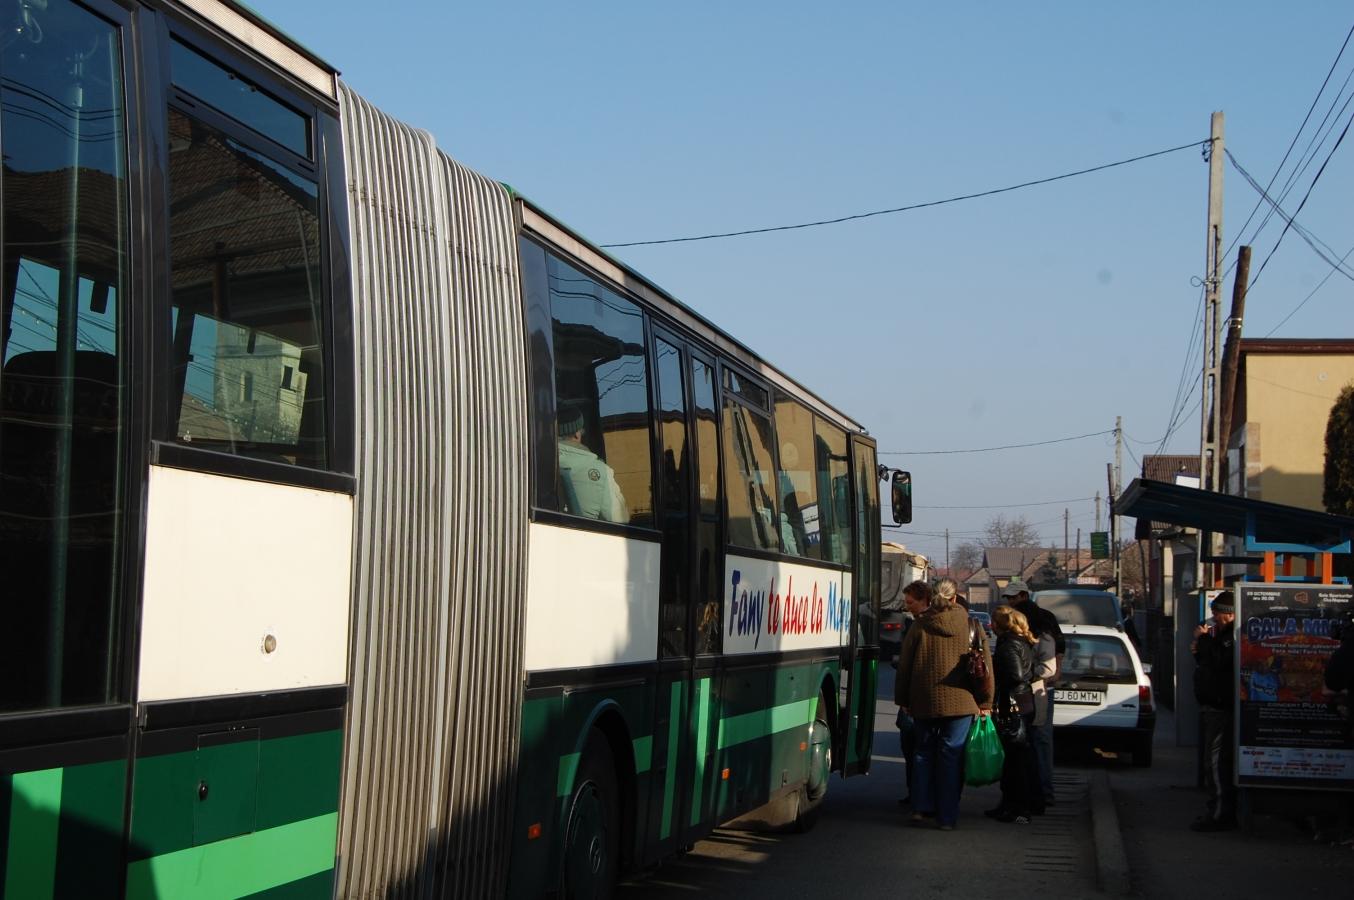 adio-fany-autobuzele-ratuc-vor-lega-clujul-de-floresti1359102690